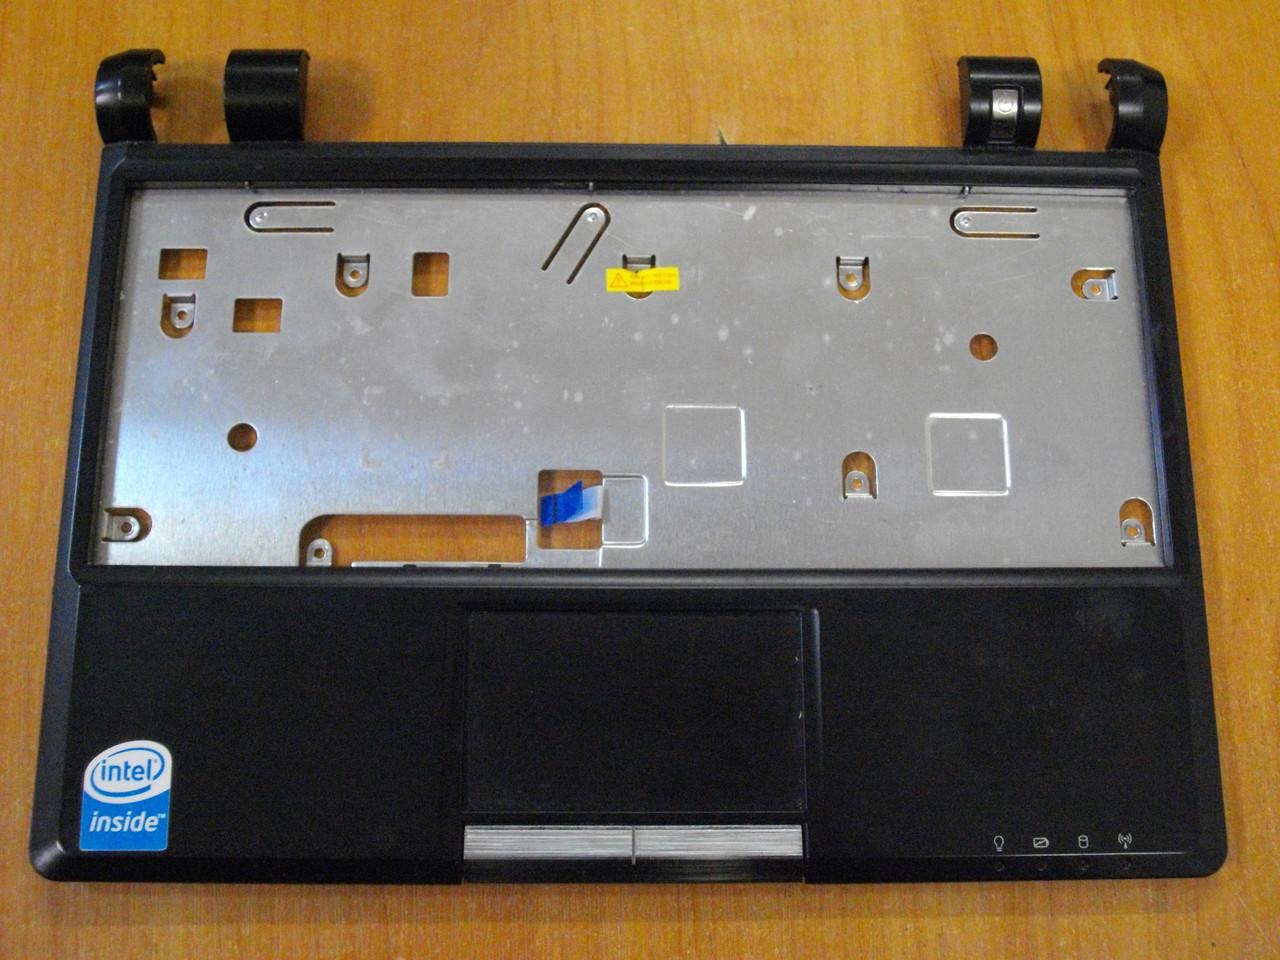 Корпус верх Верхняя часть корпуса с тачпадом ASUS Eee PC 900 бу